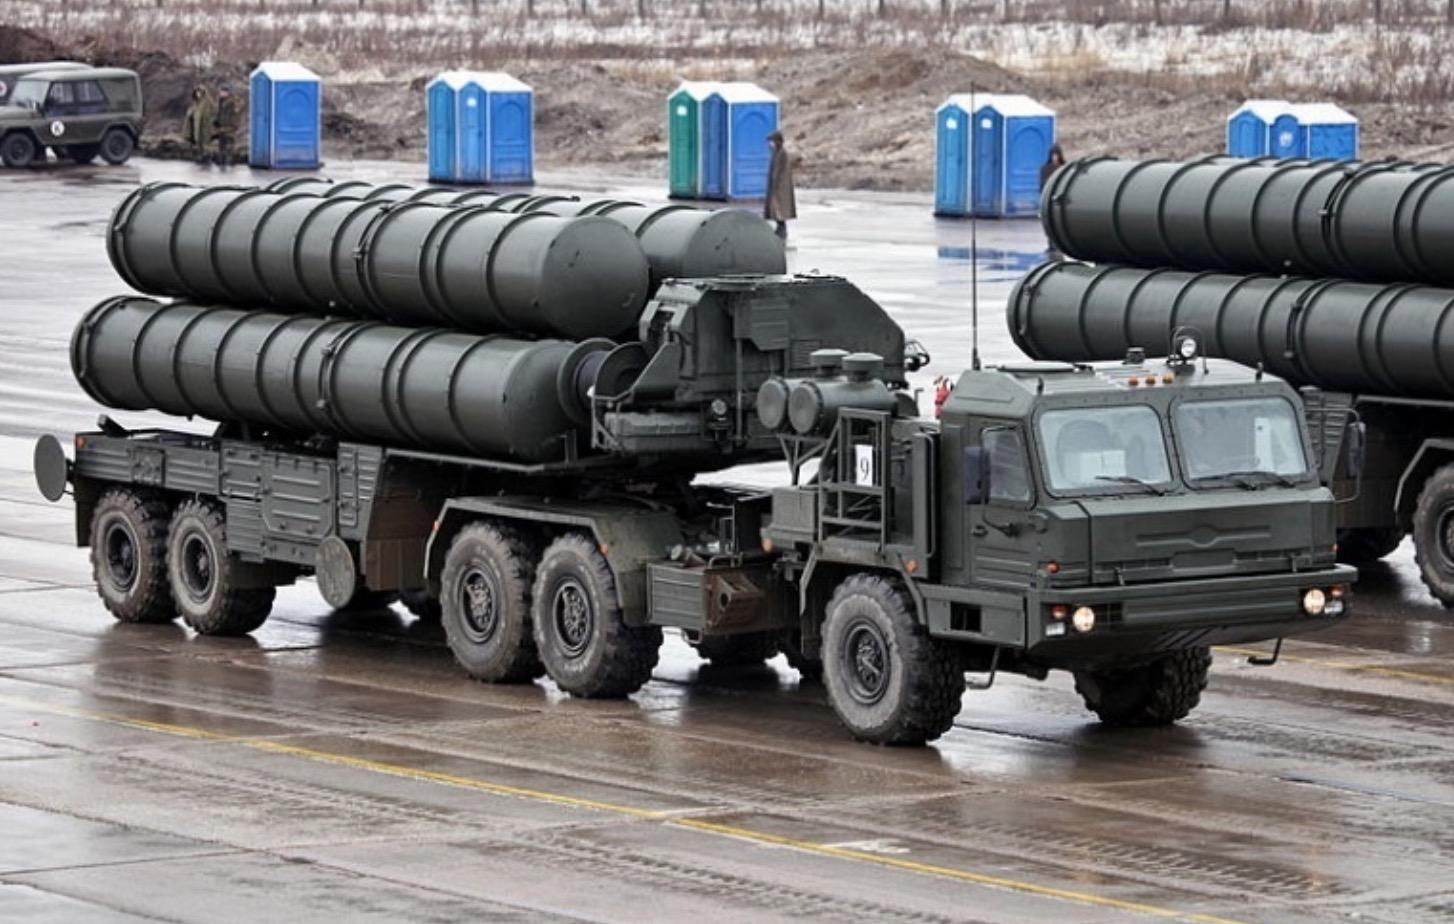 sisteme raketore turqia